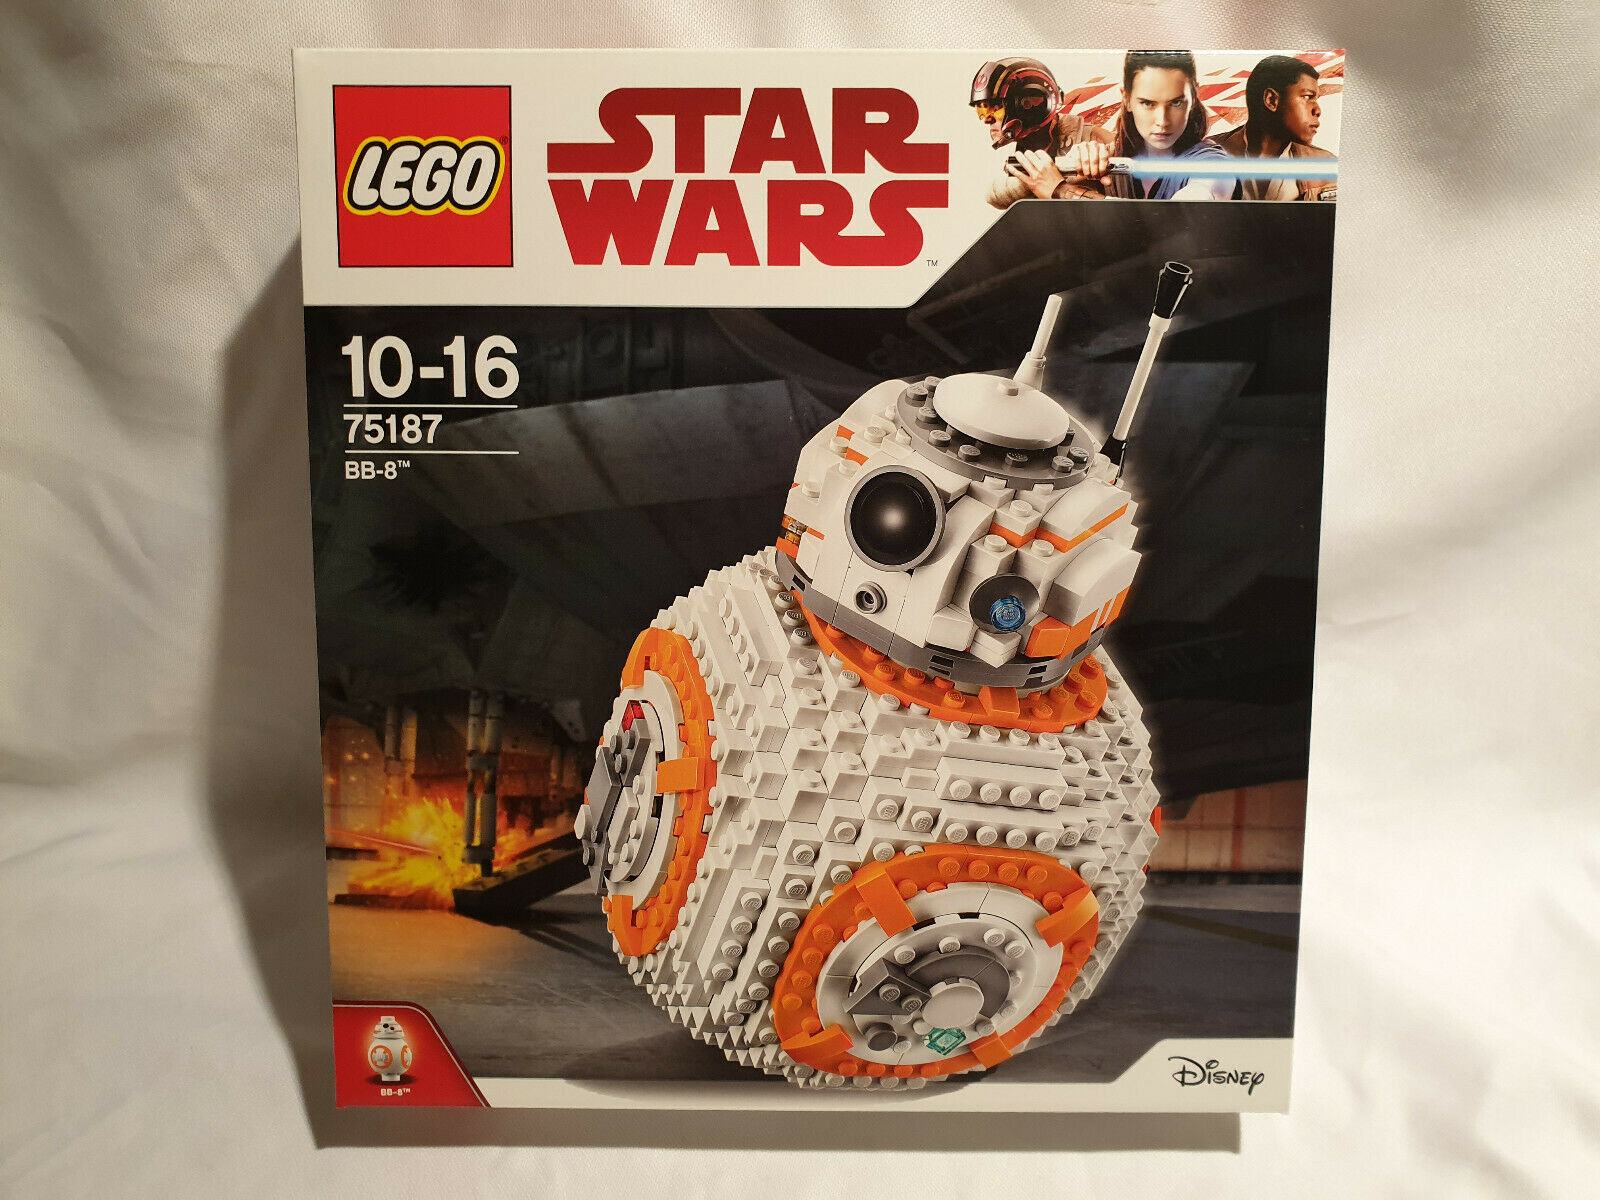 LEGO 75187 EstrellaWARS BB8 NEUF SCELLE